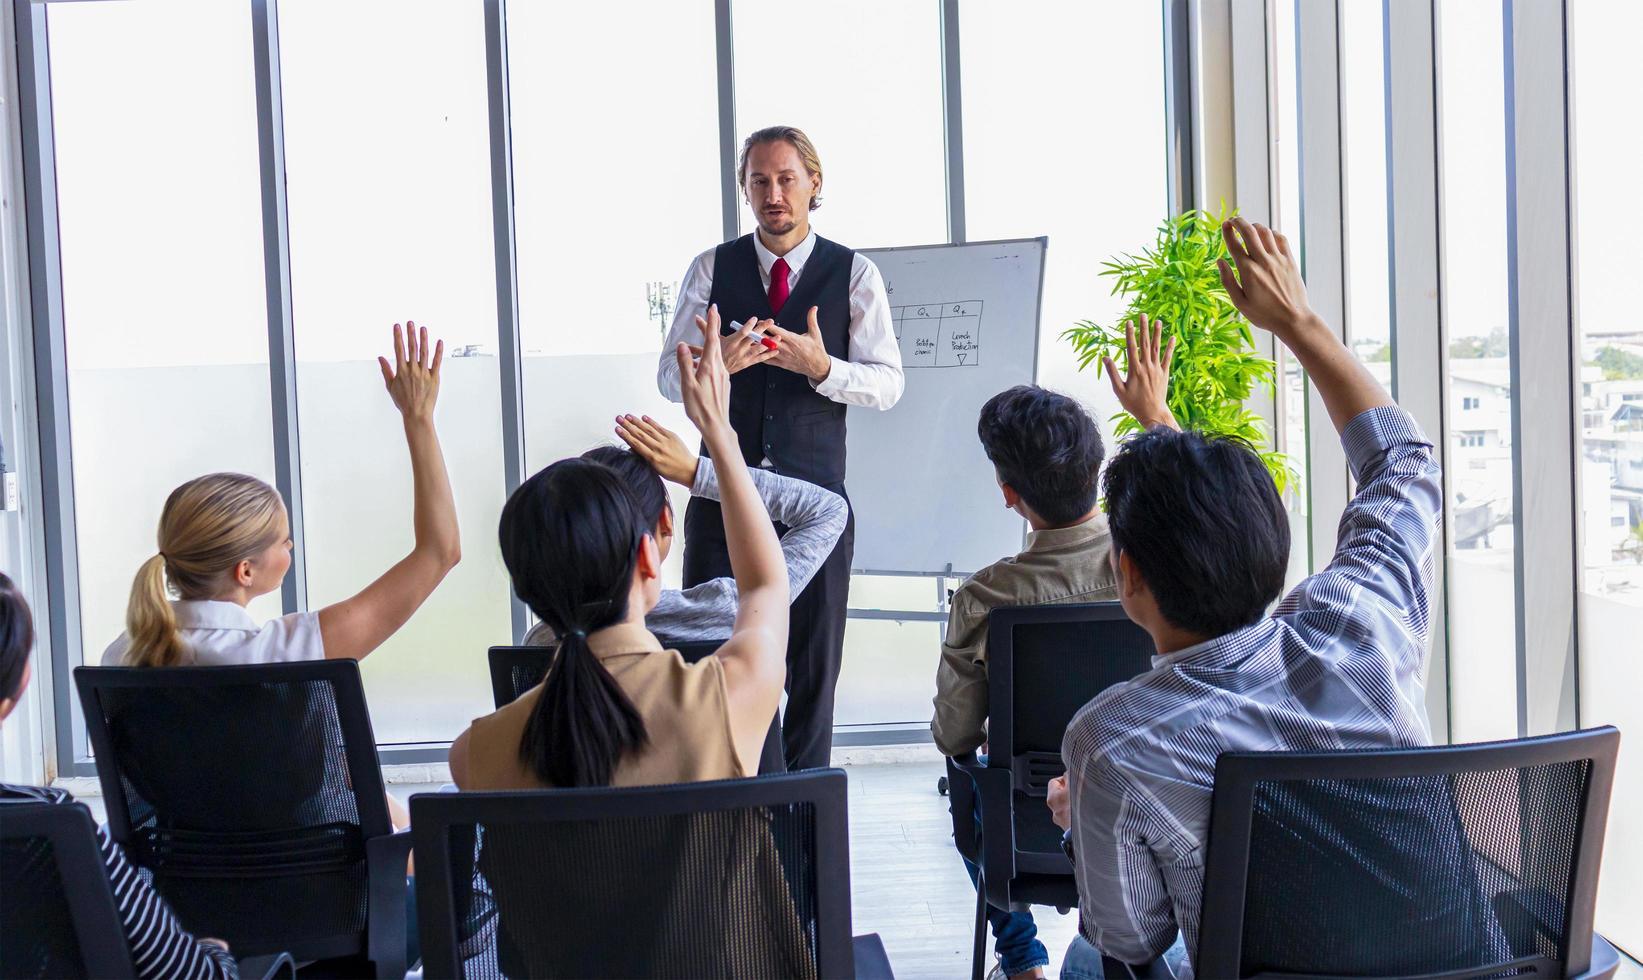 Die Teilnehmer heben ihre Hände im Büro foto